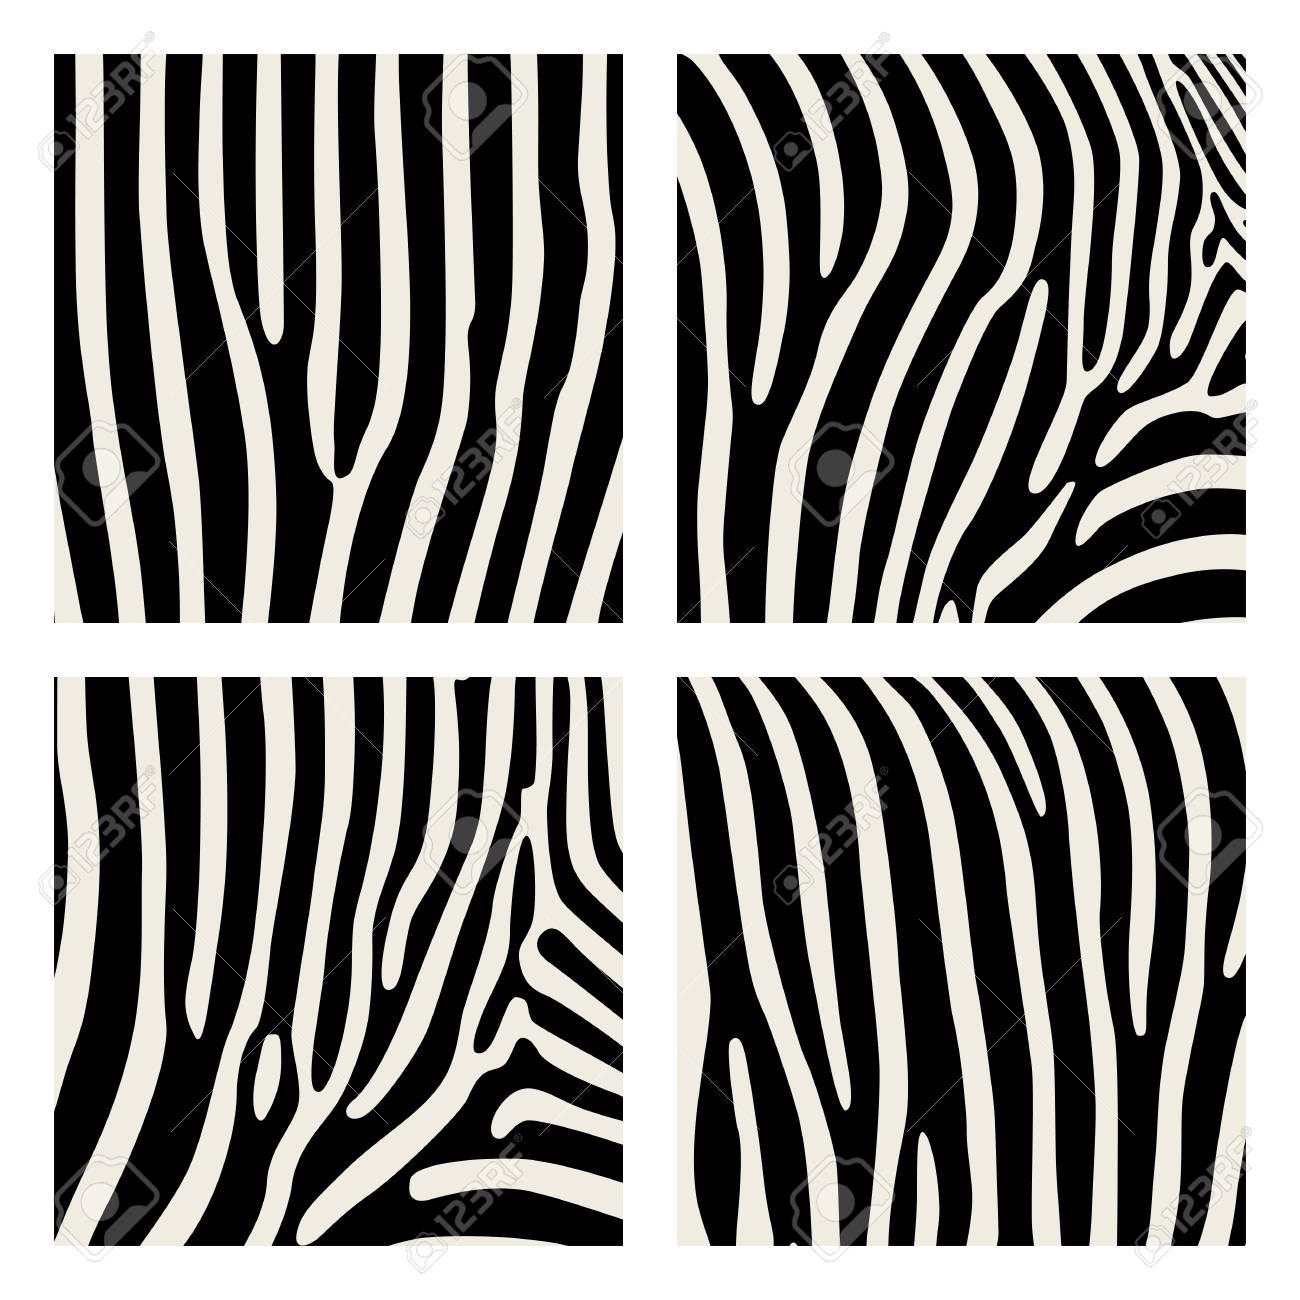 6596eb43470 Conjunto de patrón animal. Impresión de imitación de piel de cebra.